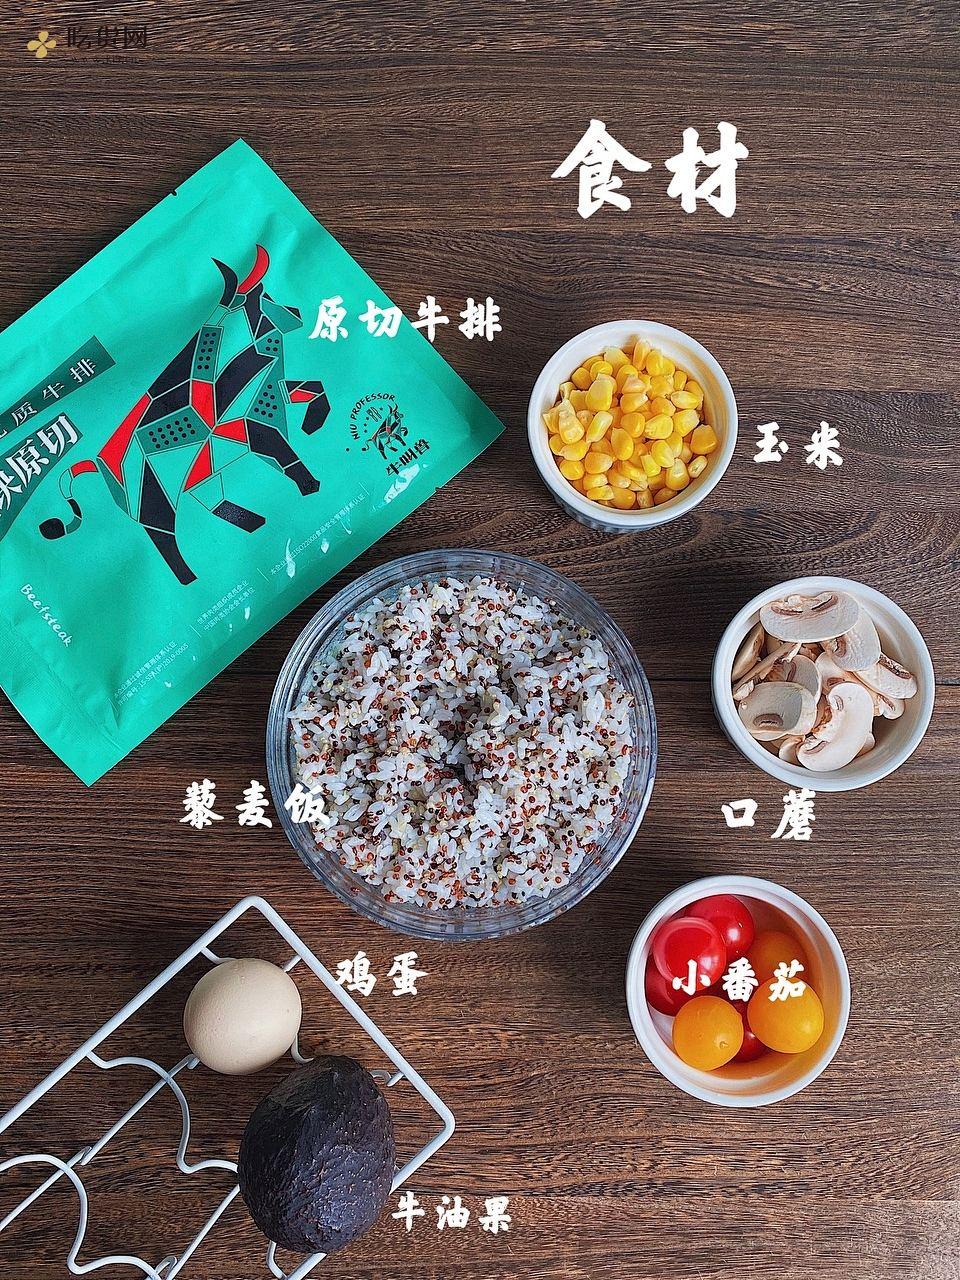 健康低脂餐‼️不单调的牛排波奇饭❤️百吃不厌的做法 步骤1